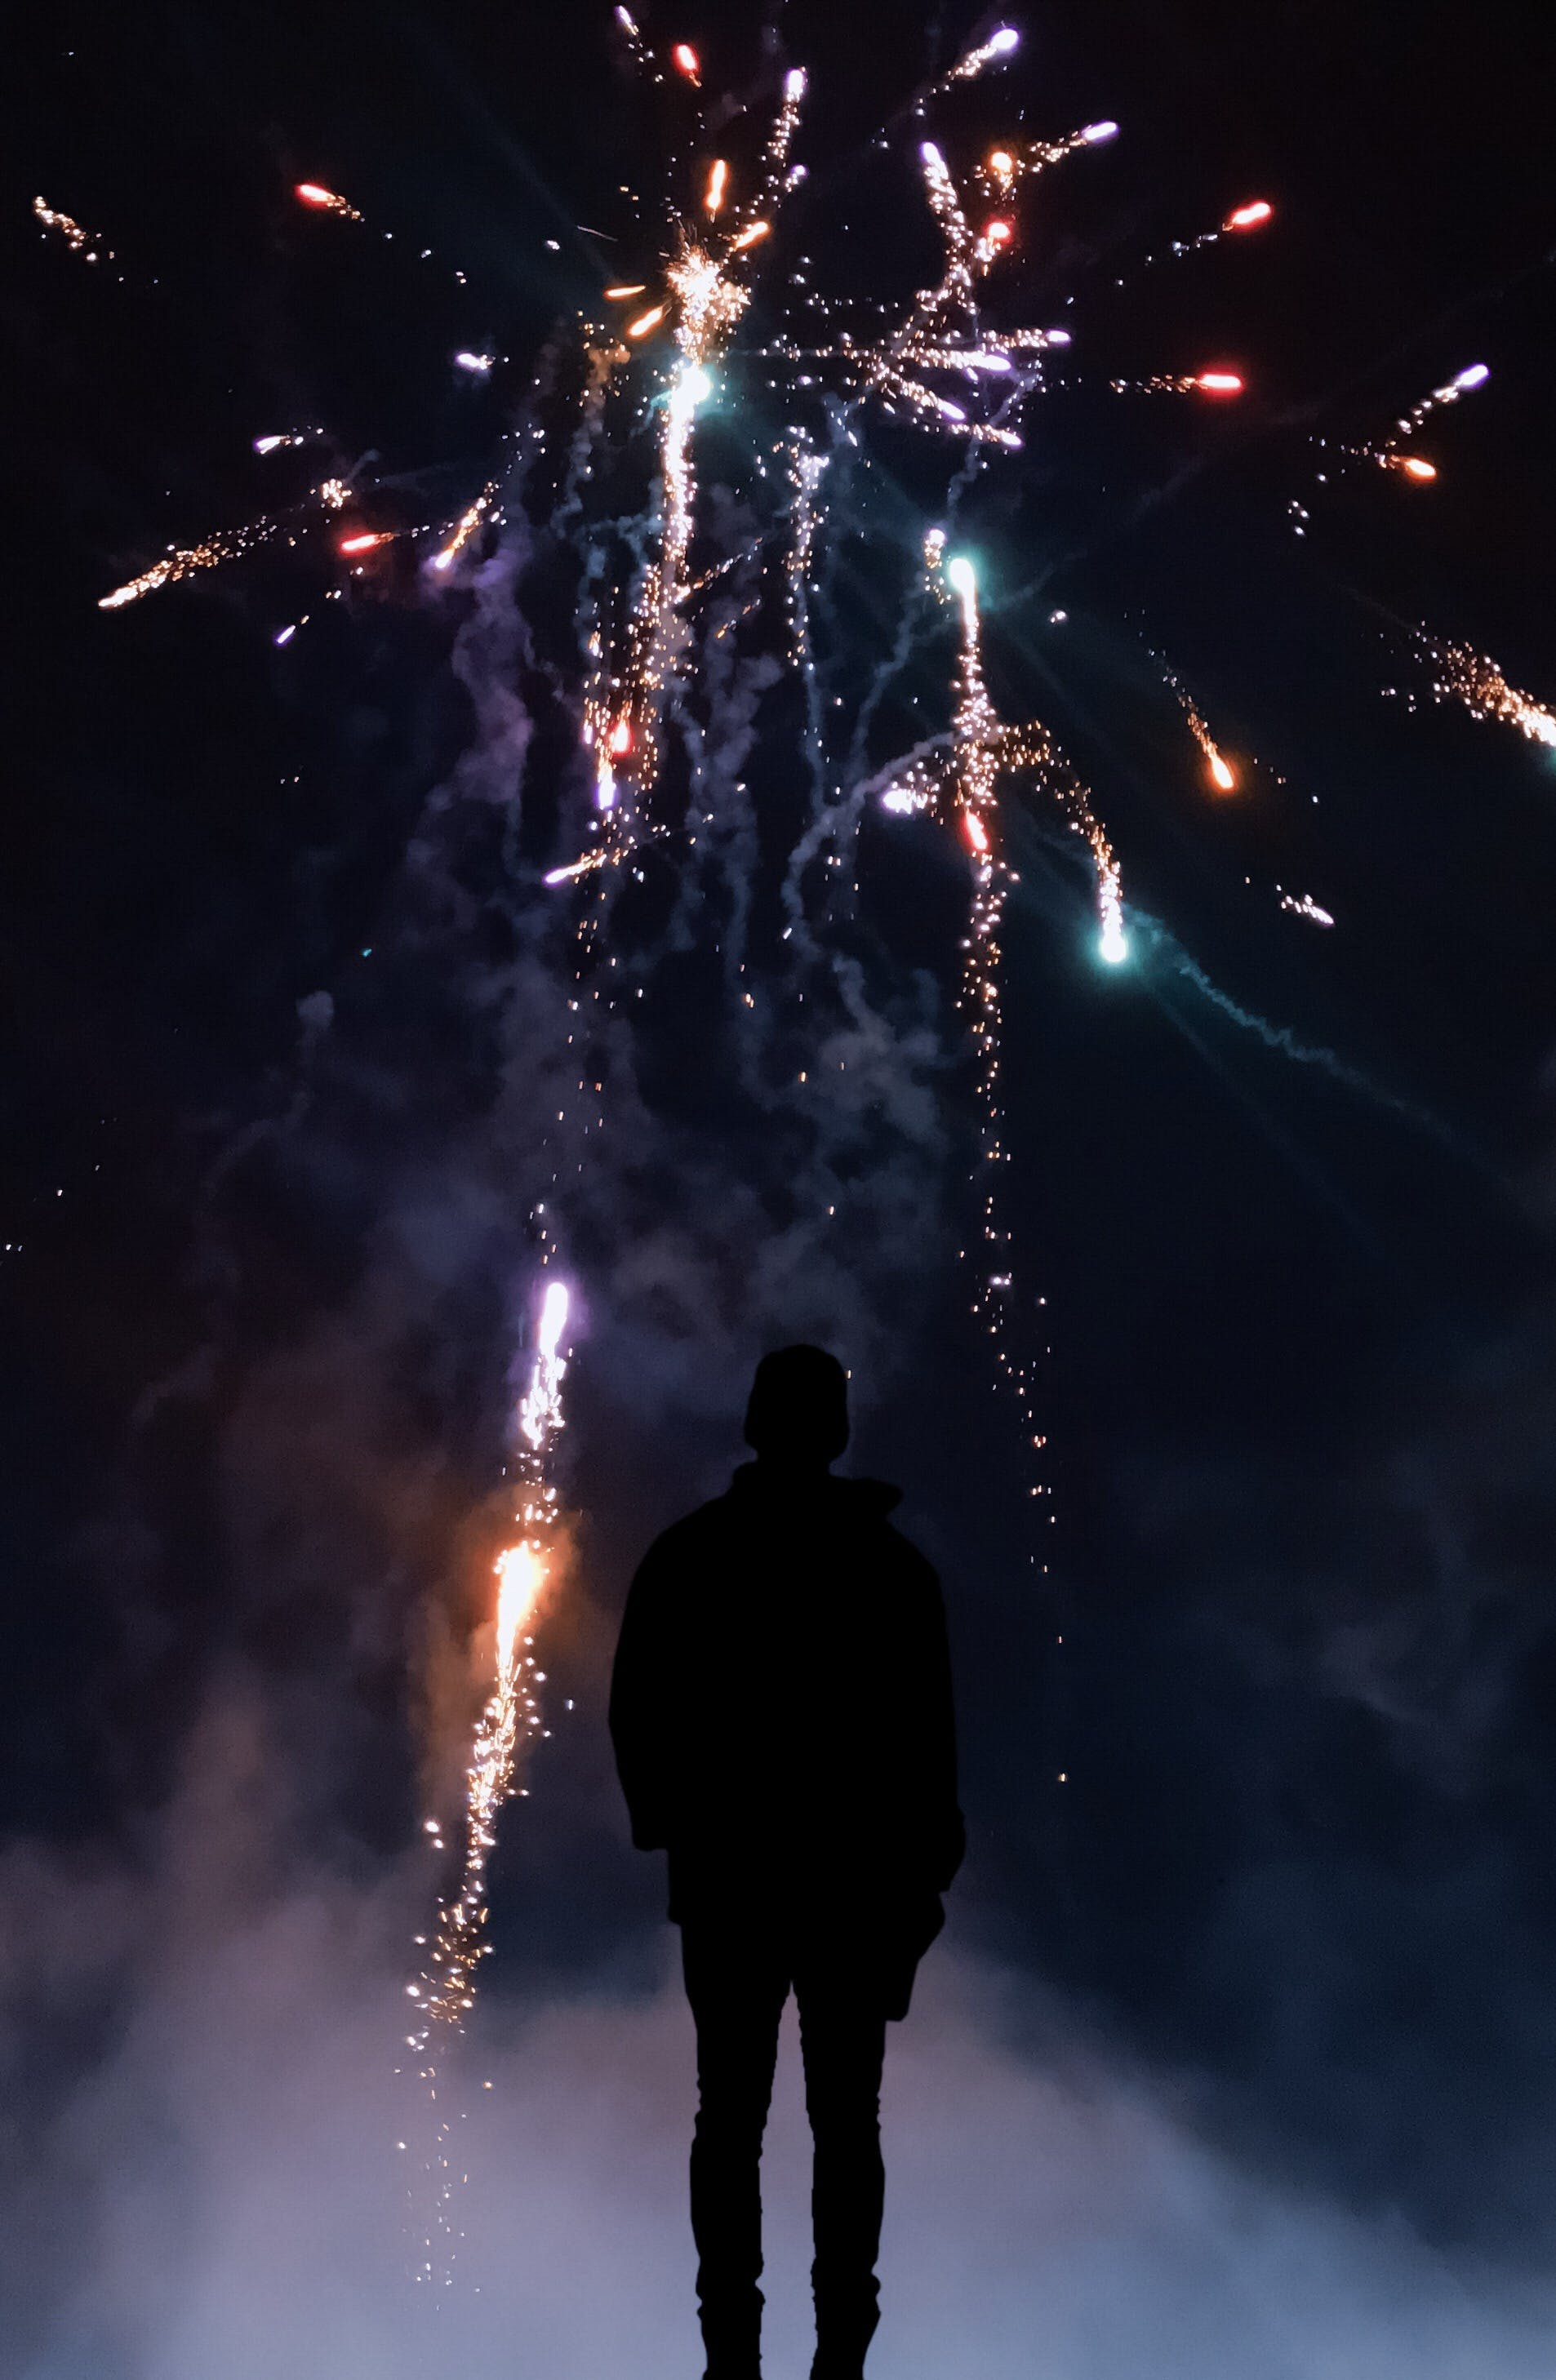 Δωρεάν στοκ φωτογραφιών με εορτασμός, καπνίζω, νέο έτος, νυχτερινός ουρανός